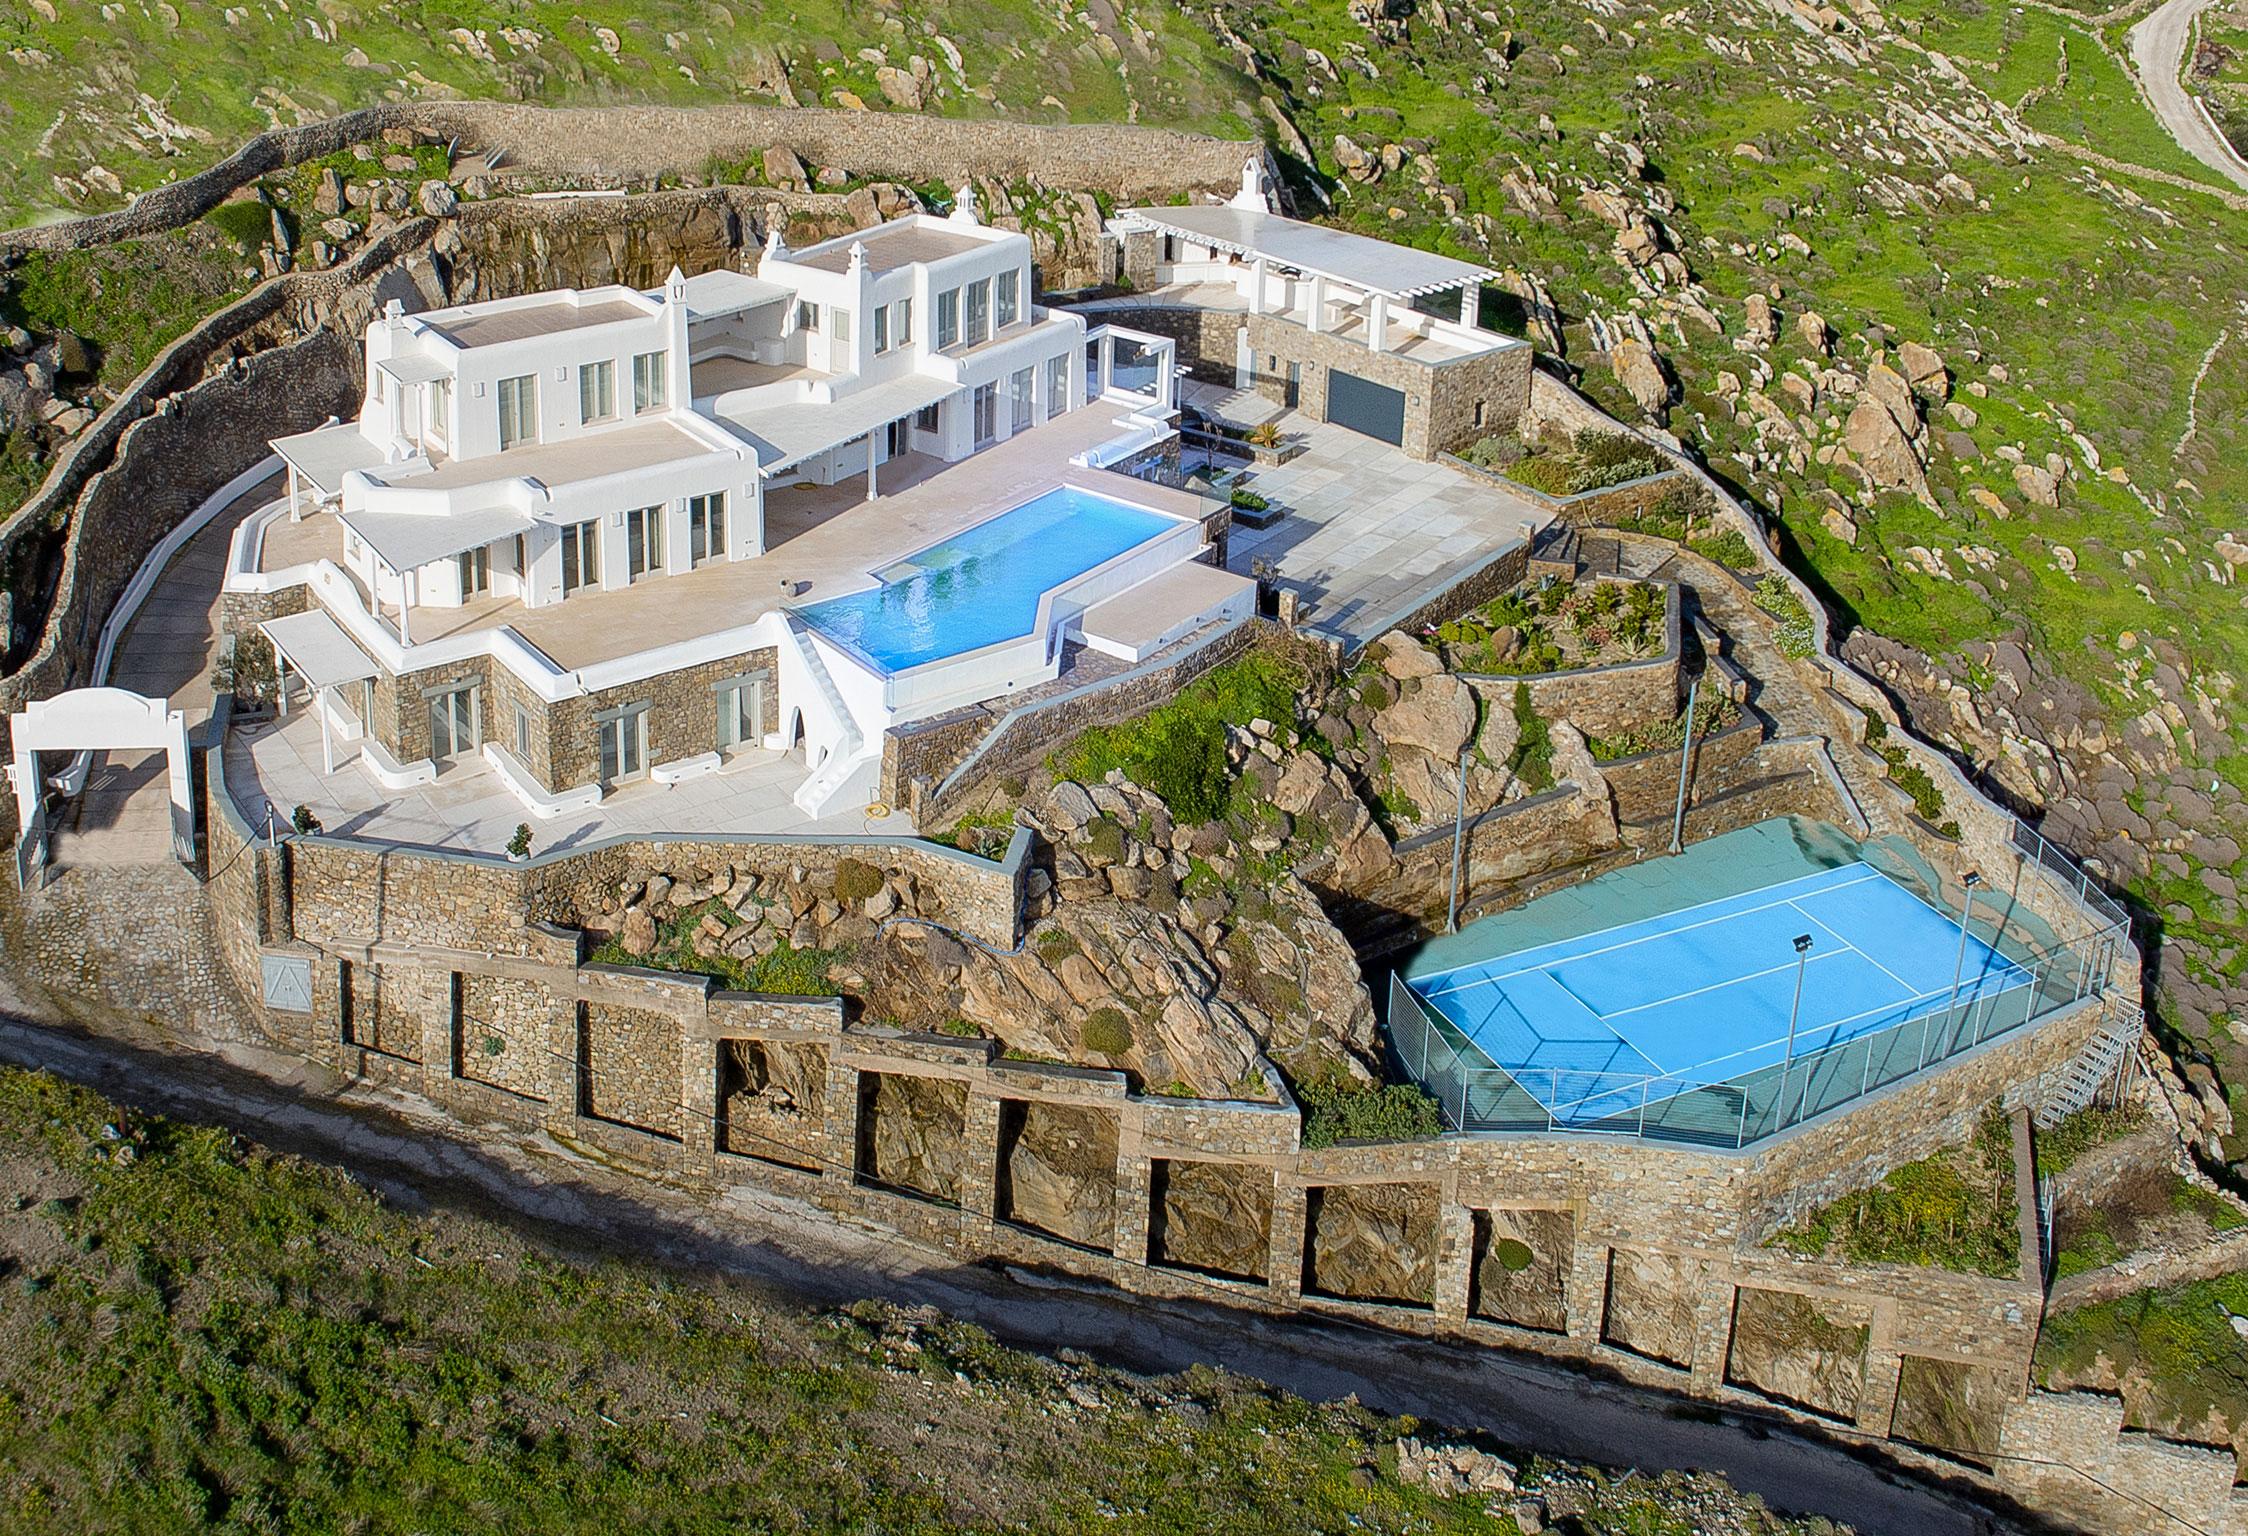 Mykonos Villa Blance jumbotron image